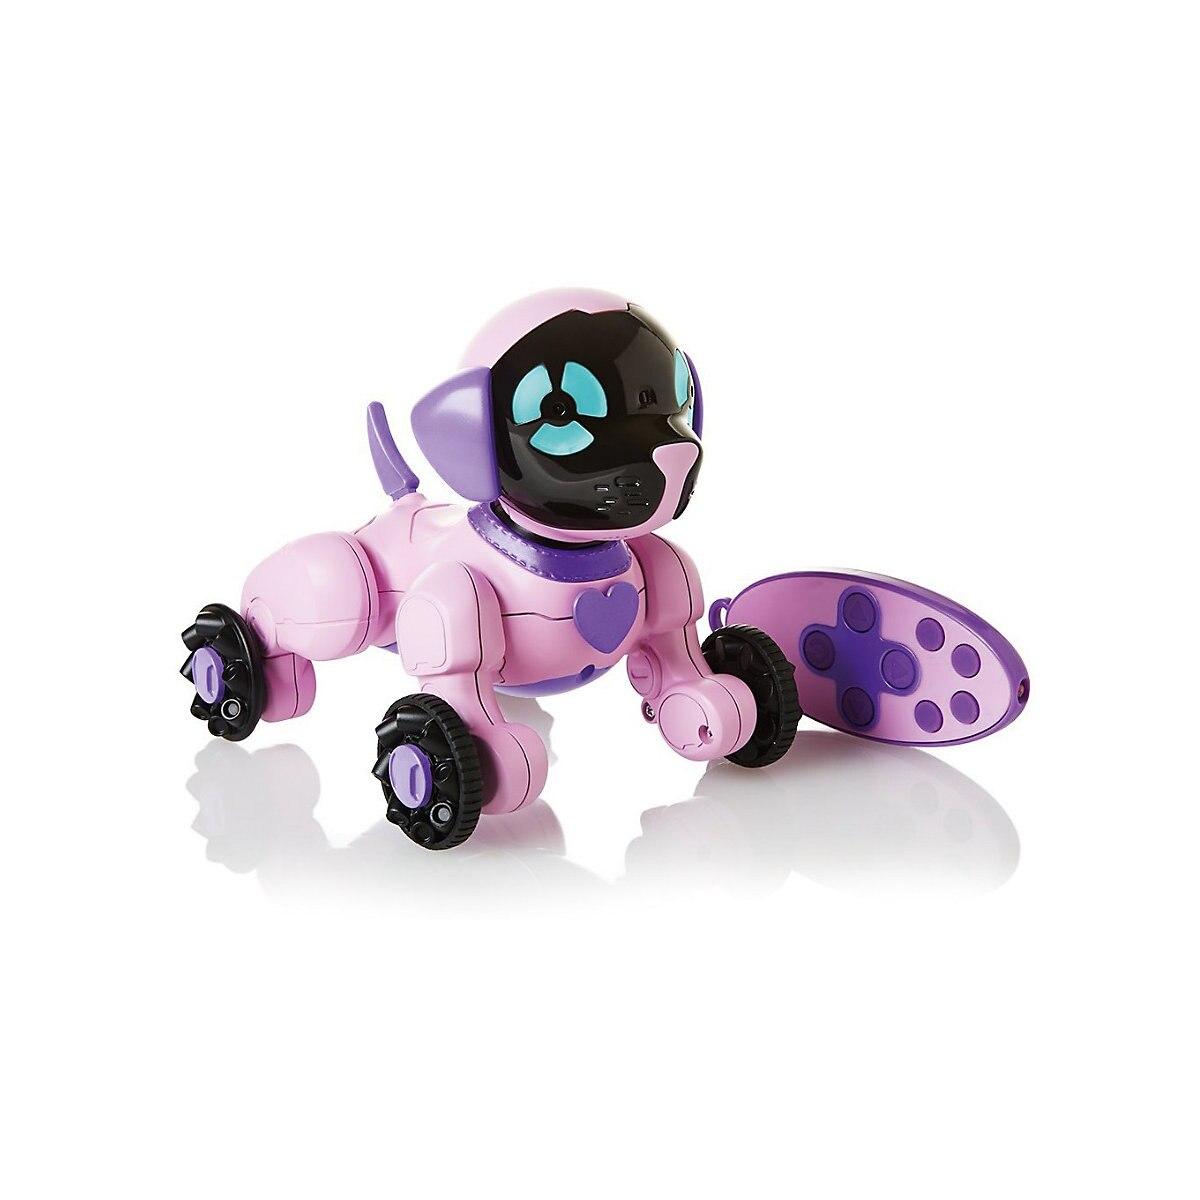 Animaux de compagnie électroniques WowWee 7314002 Tamagochi Robot jouets interactif chien animaux enfants MTpromo